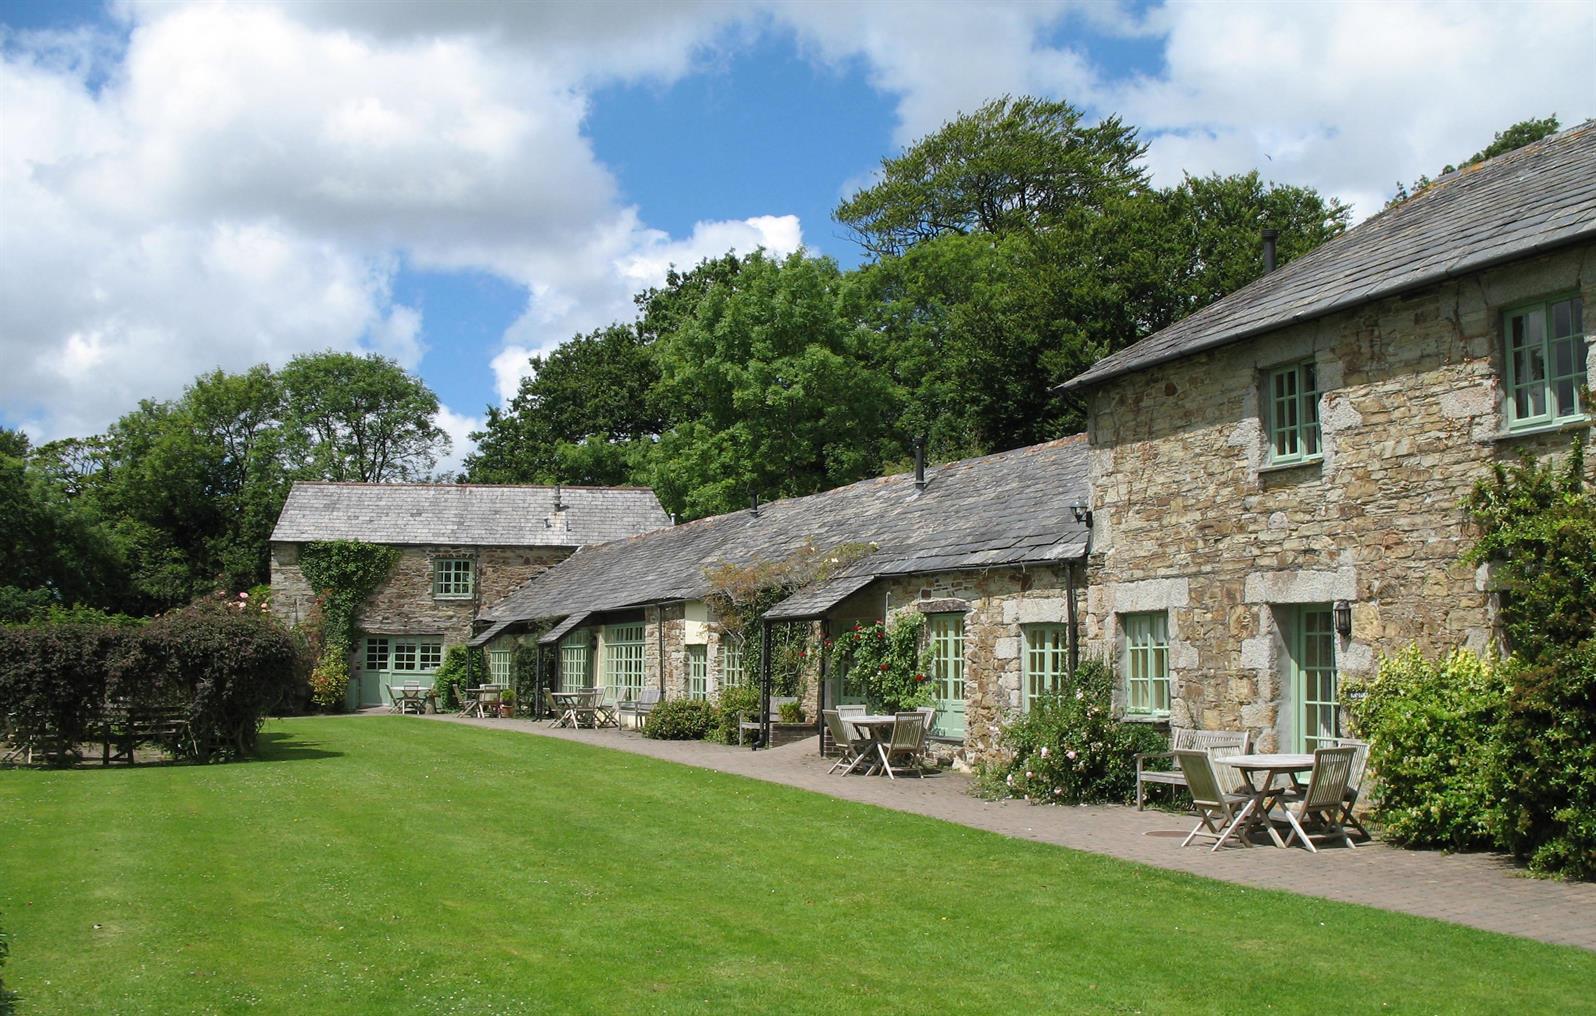 Glynn Barton Cottages